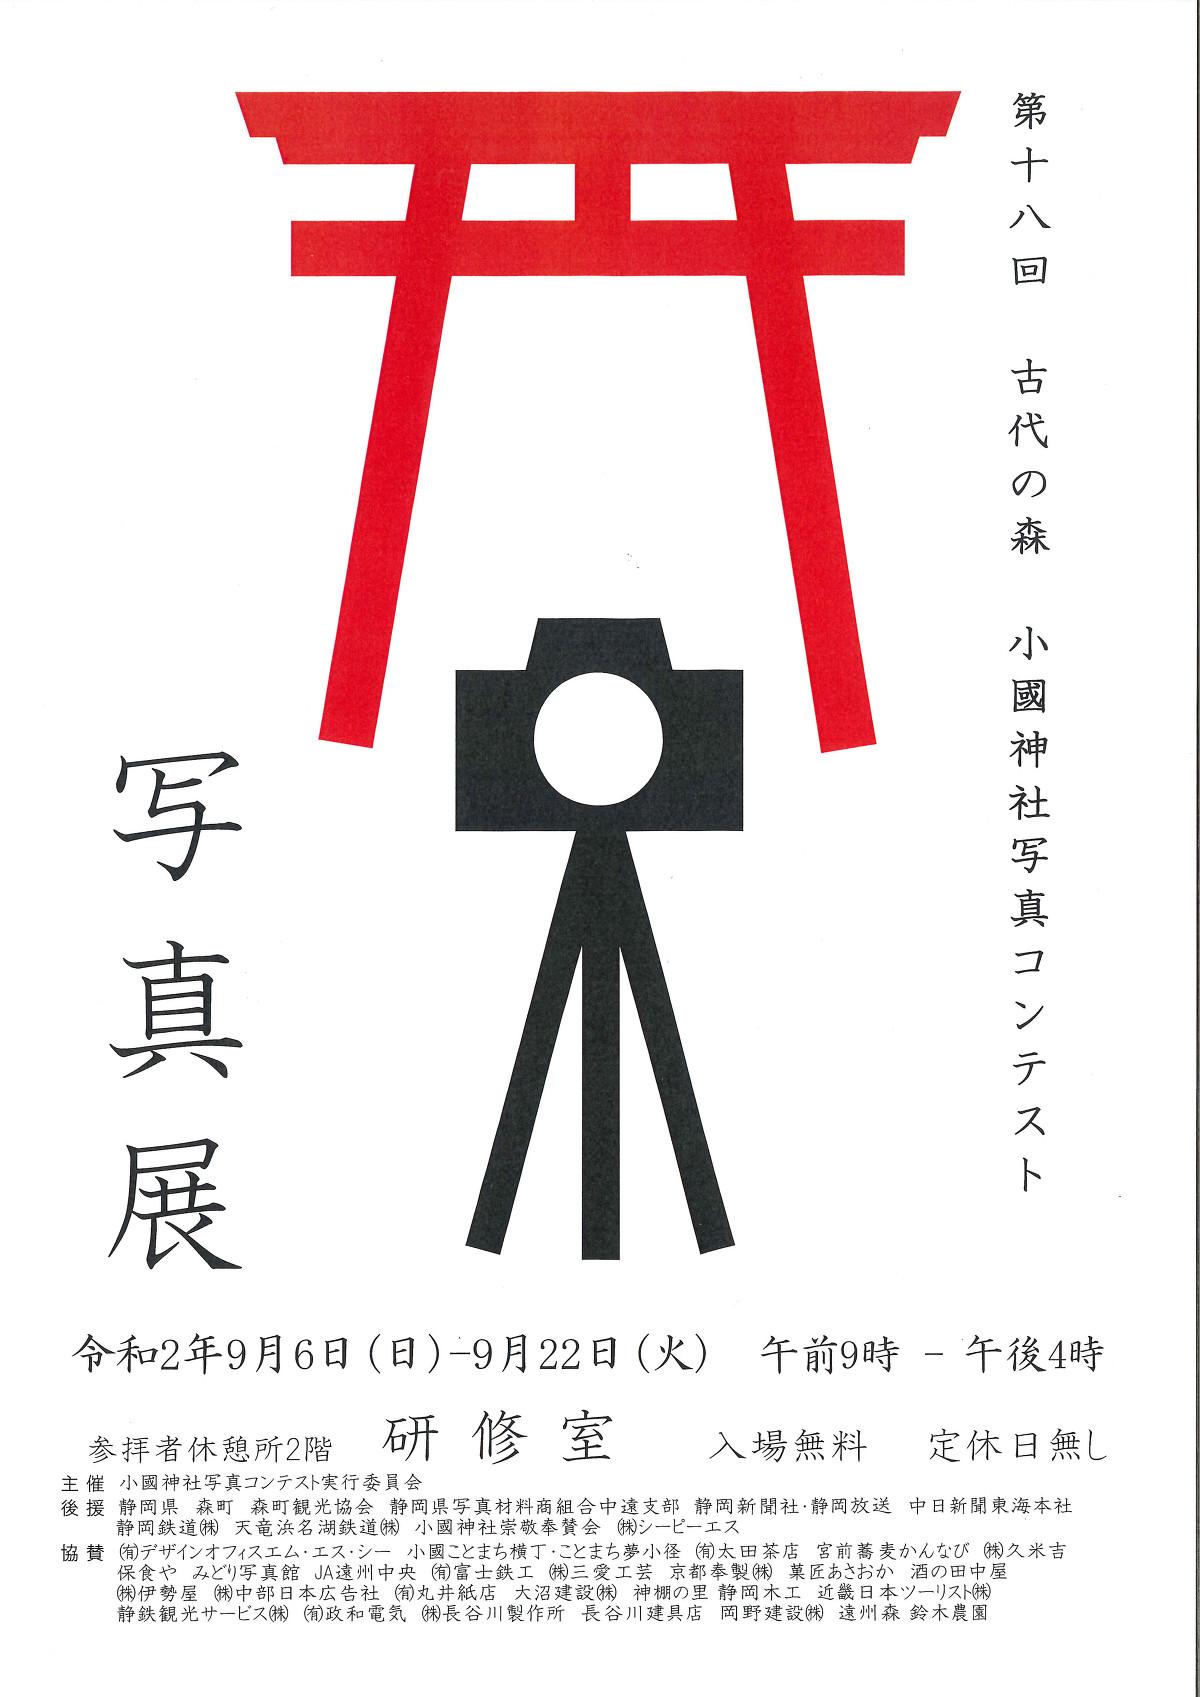 第18回 古代の森 小國神社 写真コンテスト 写真展開催のお知らせ